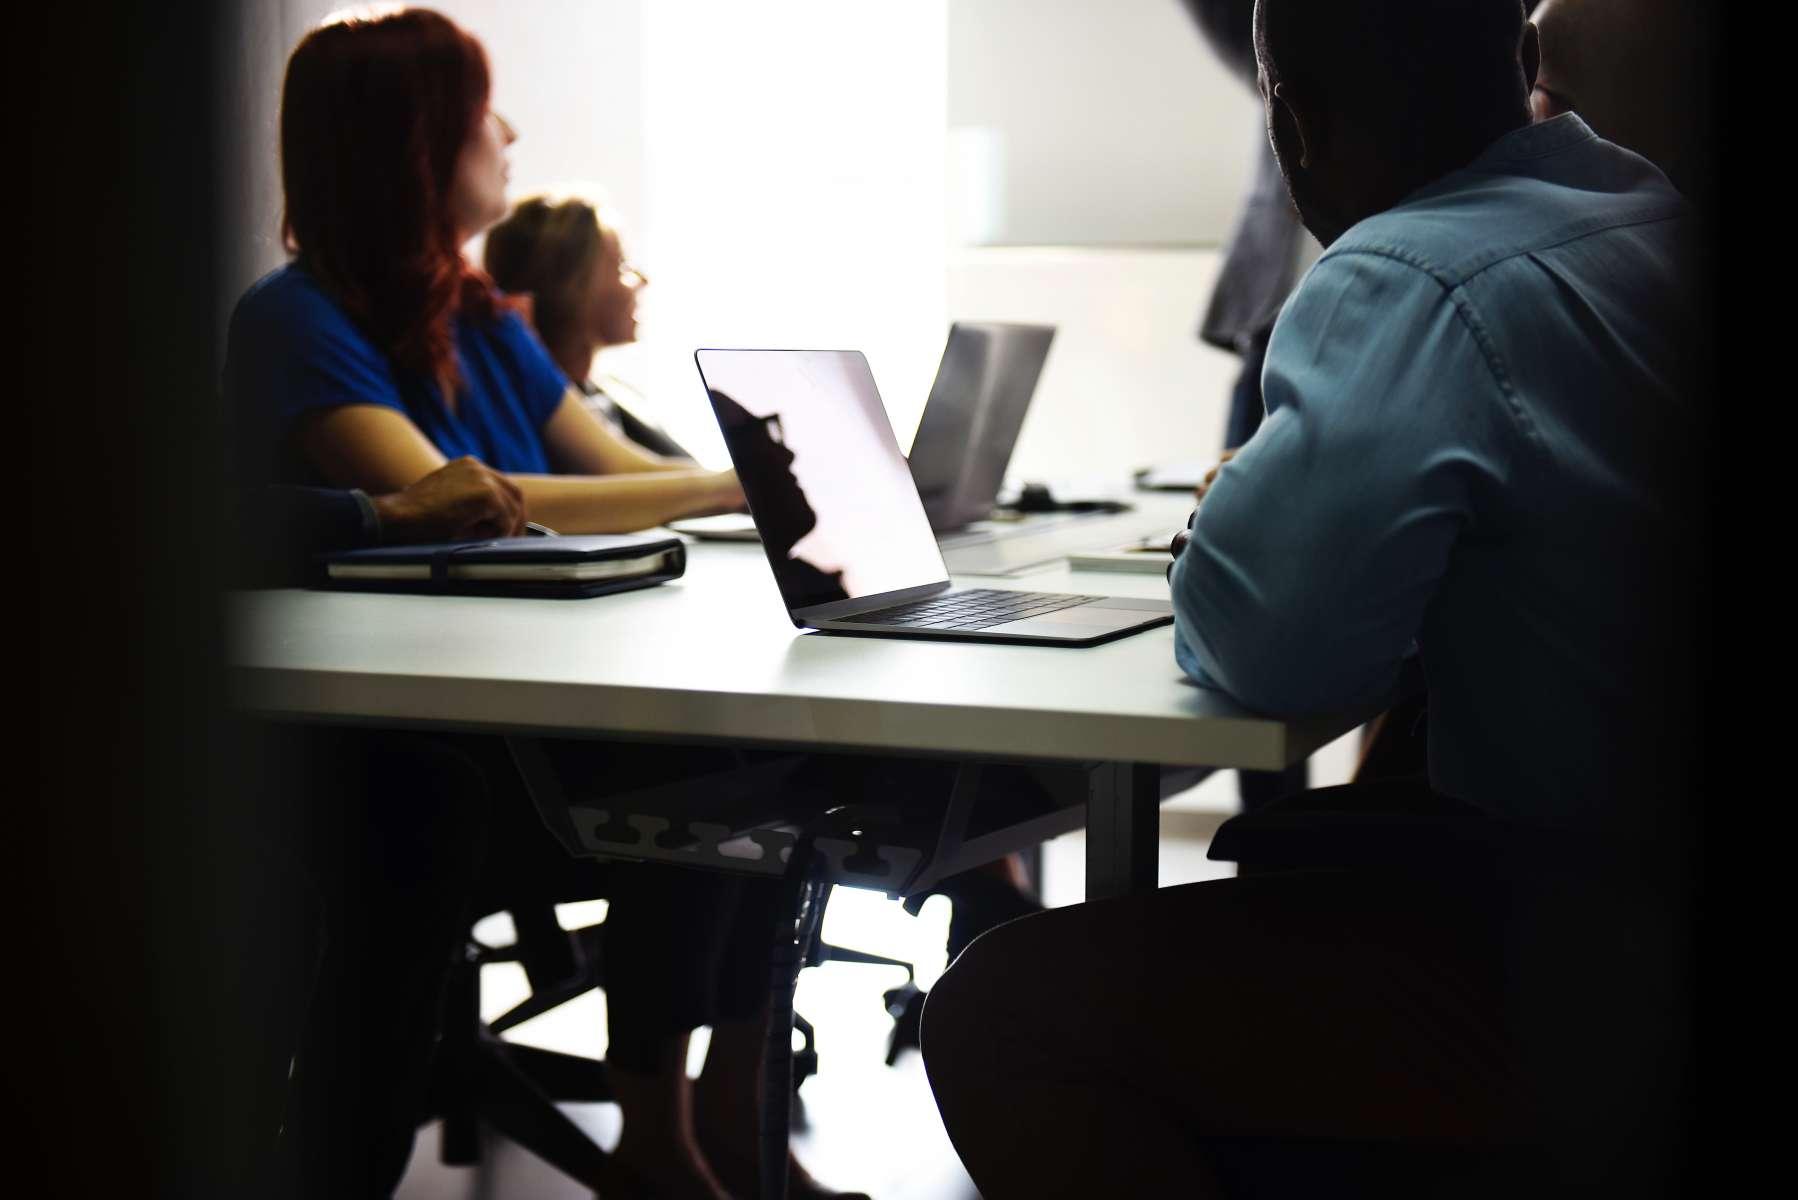 Emploi: Une formation gratuite aux métiers en pénurie pour les jeunes